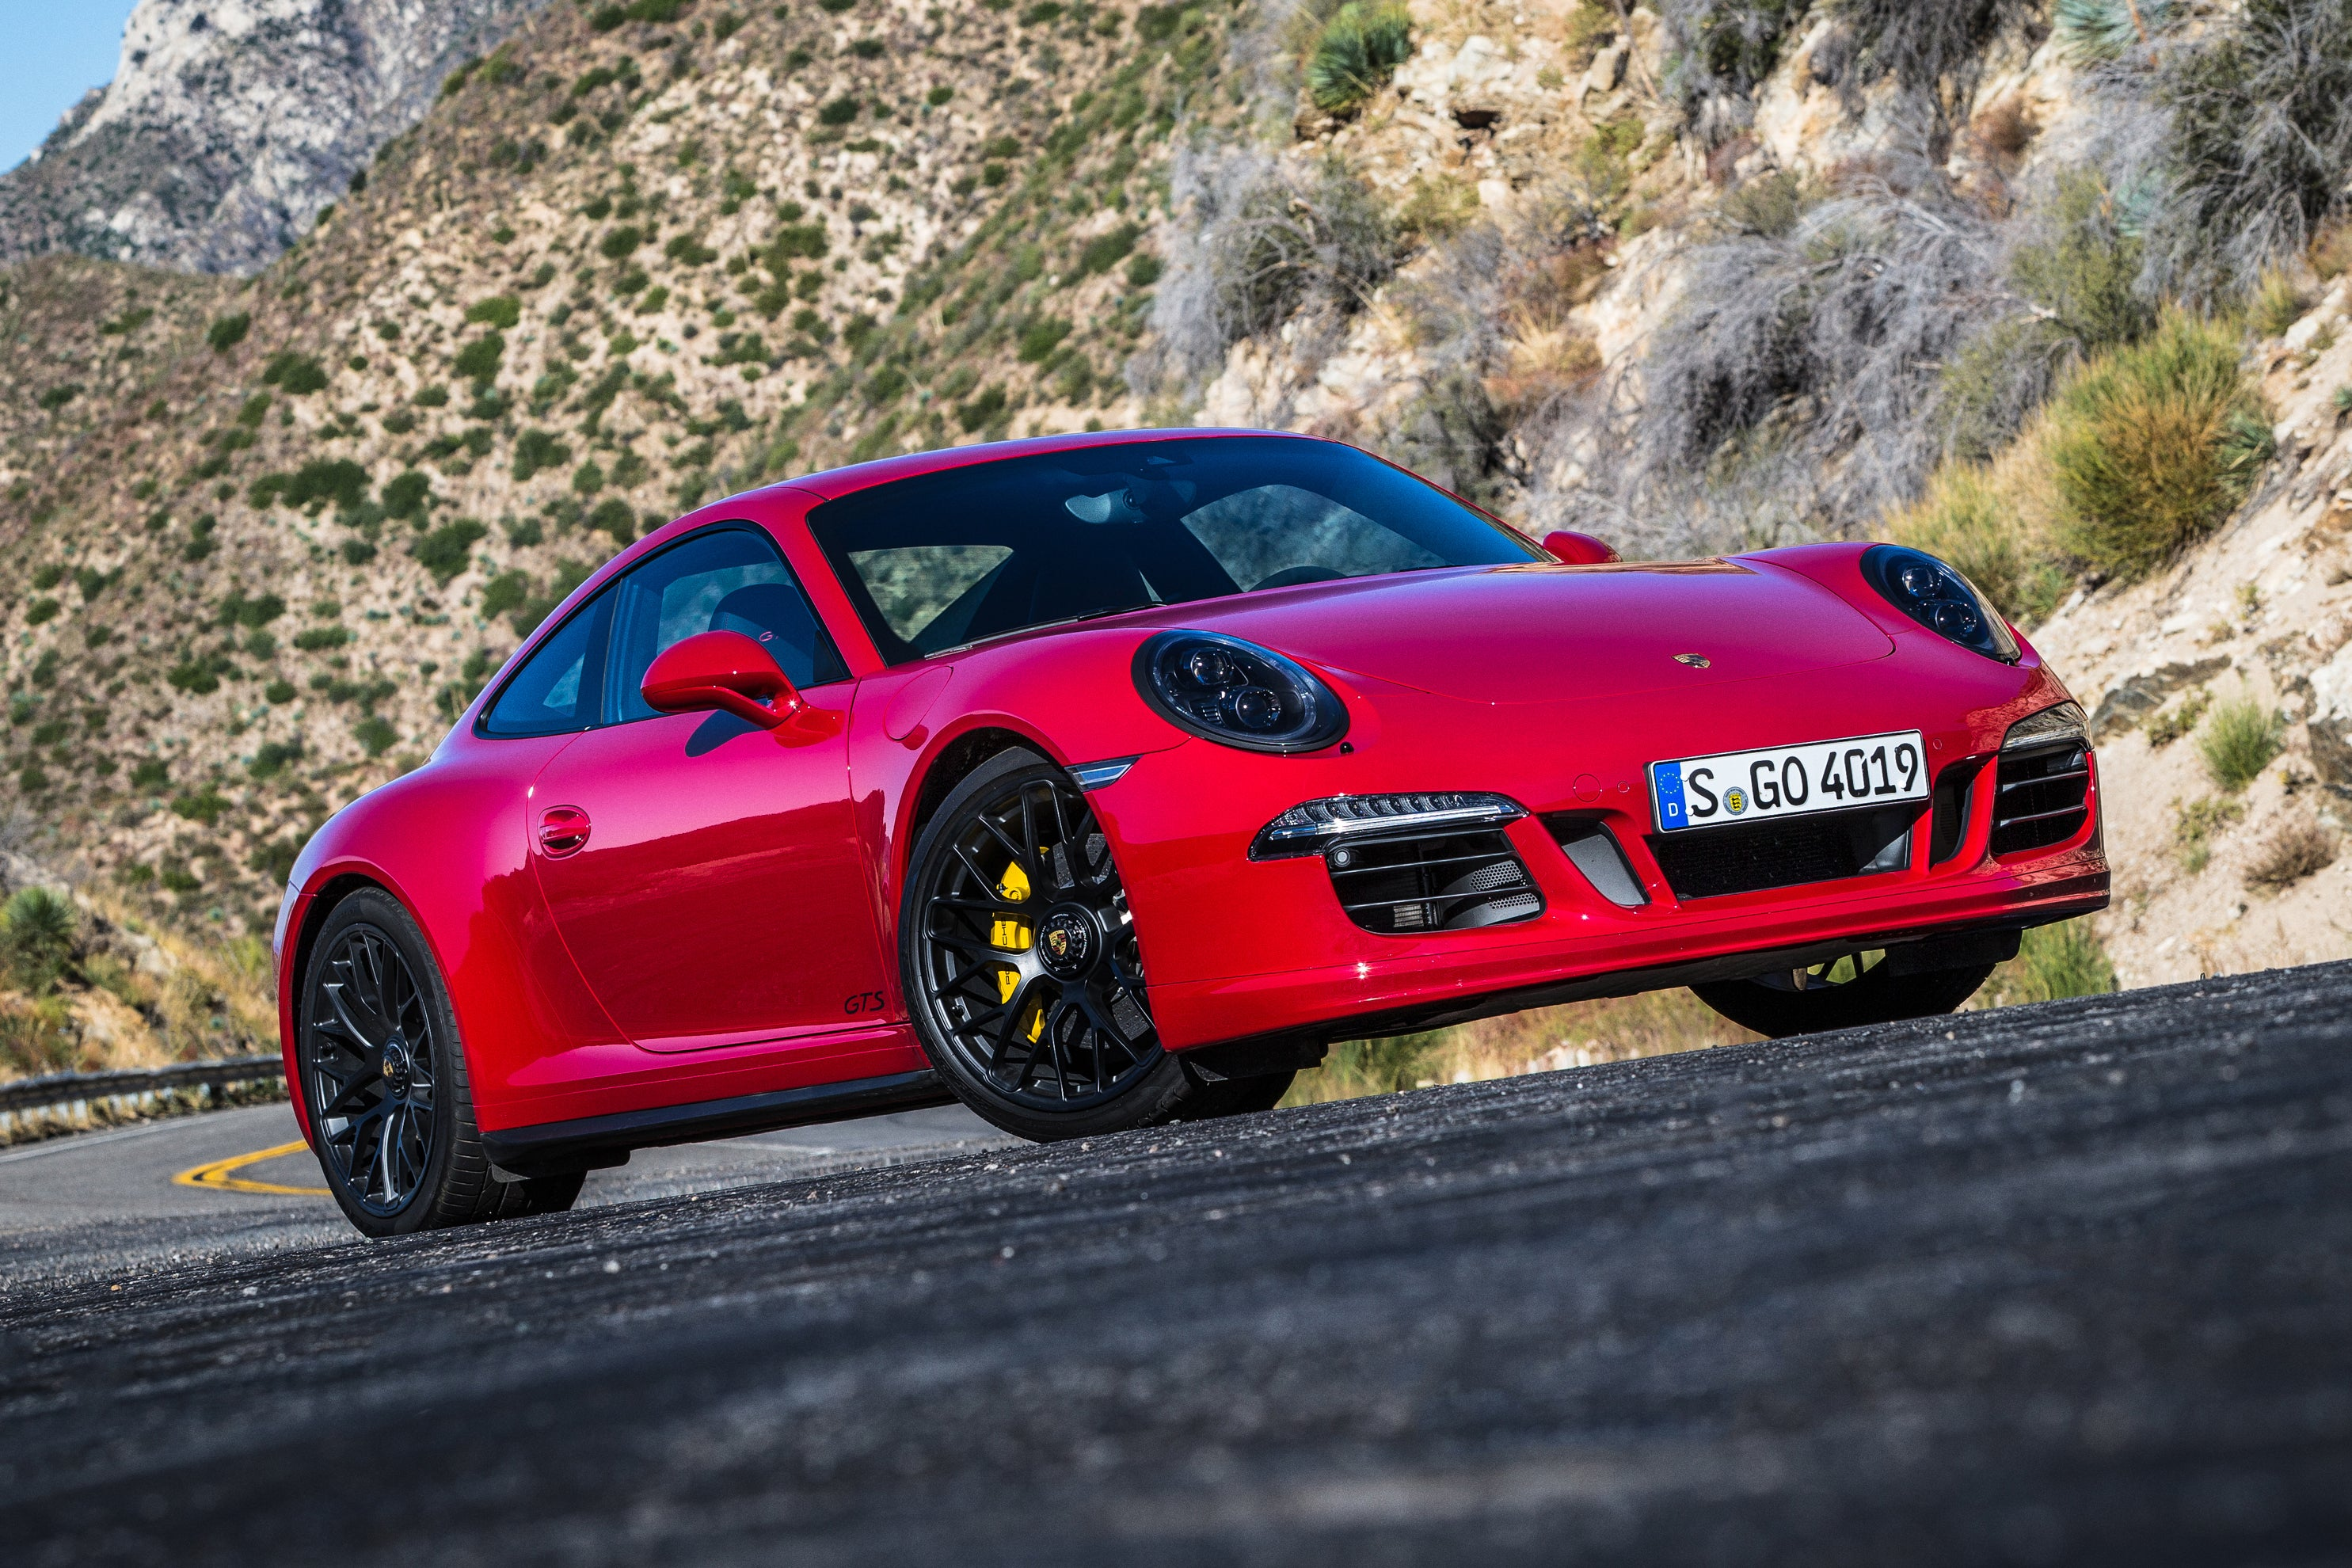 Porsche 911 GTS red